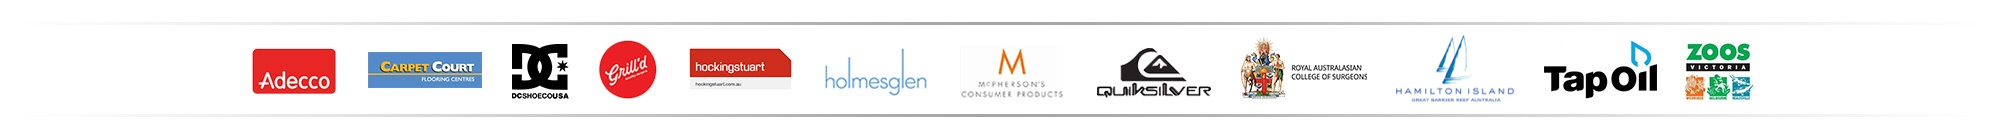 MailGuard-Clients-Oct2017.png